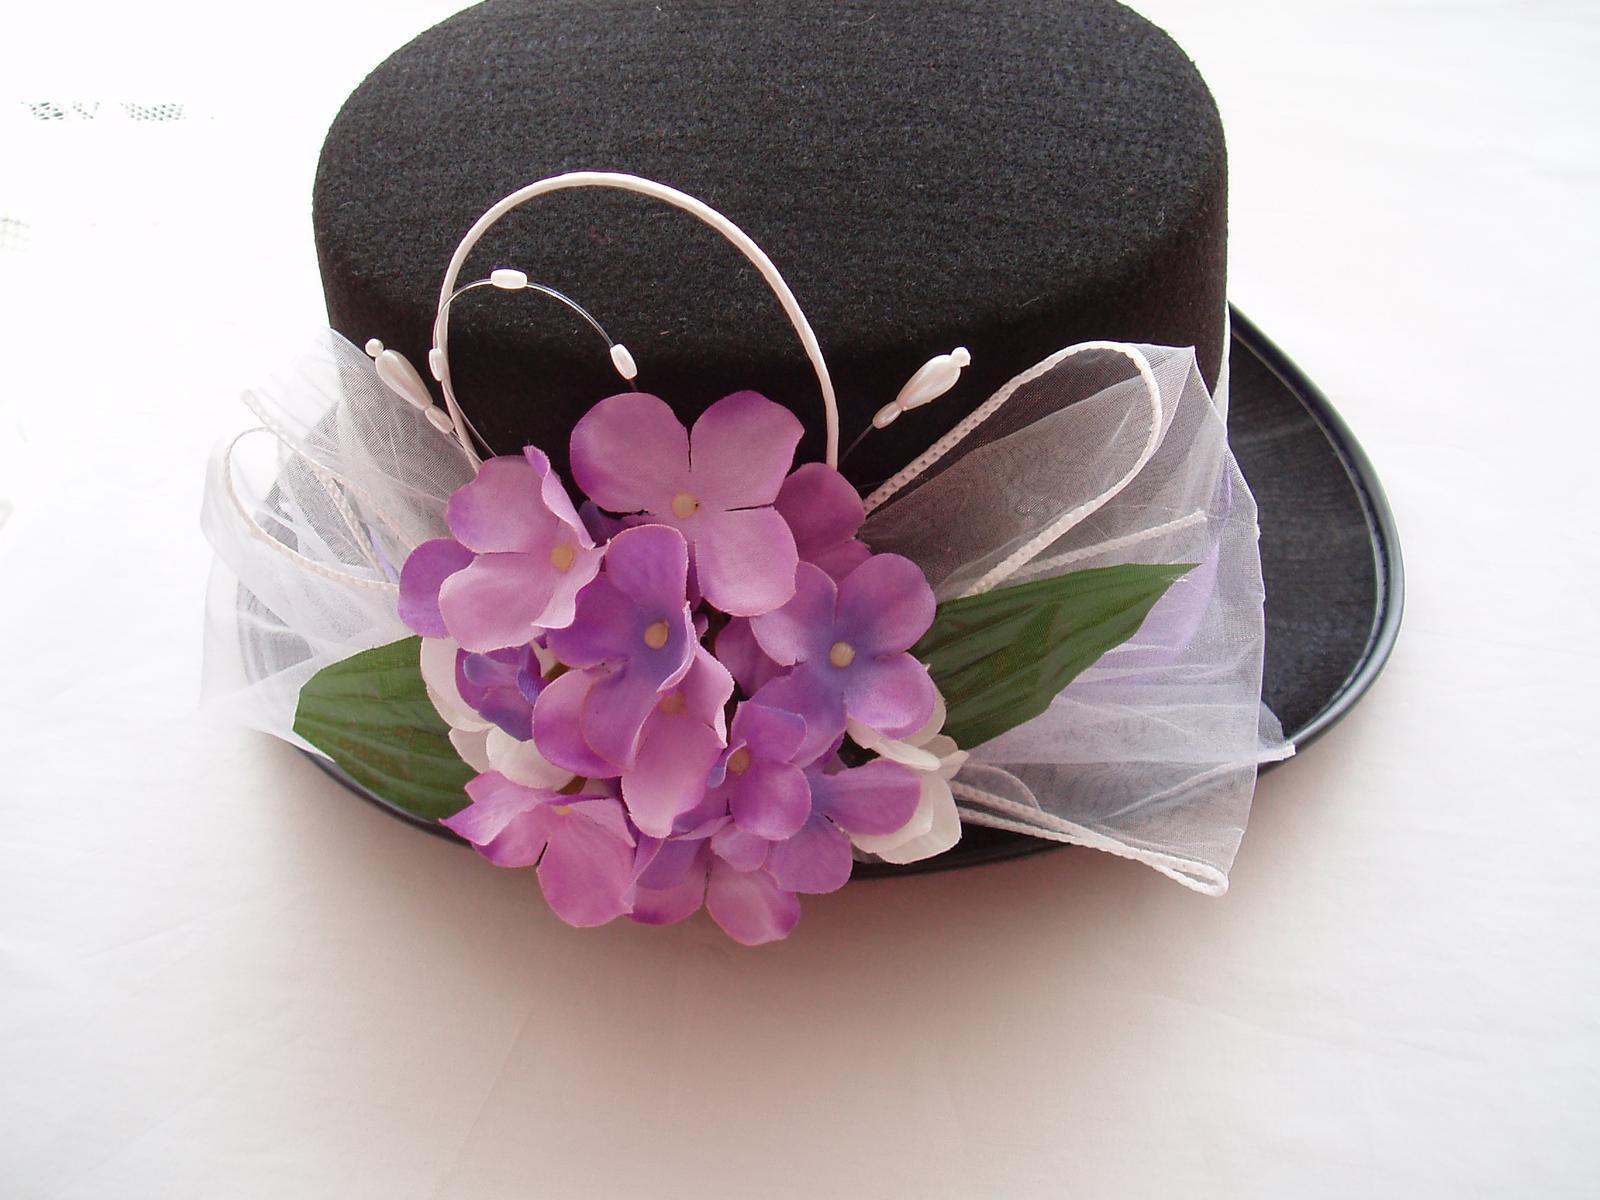 cylindr-fialové hortenzie - Obrázek č. 1